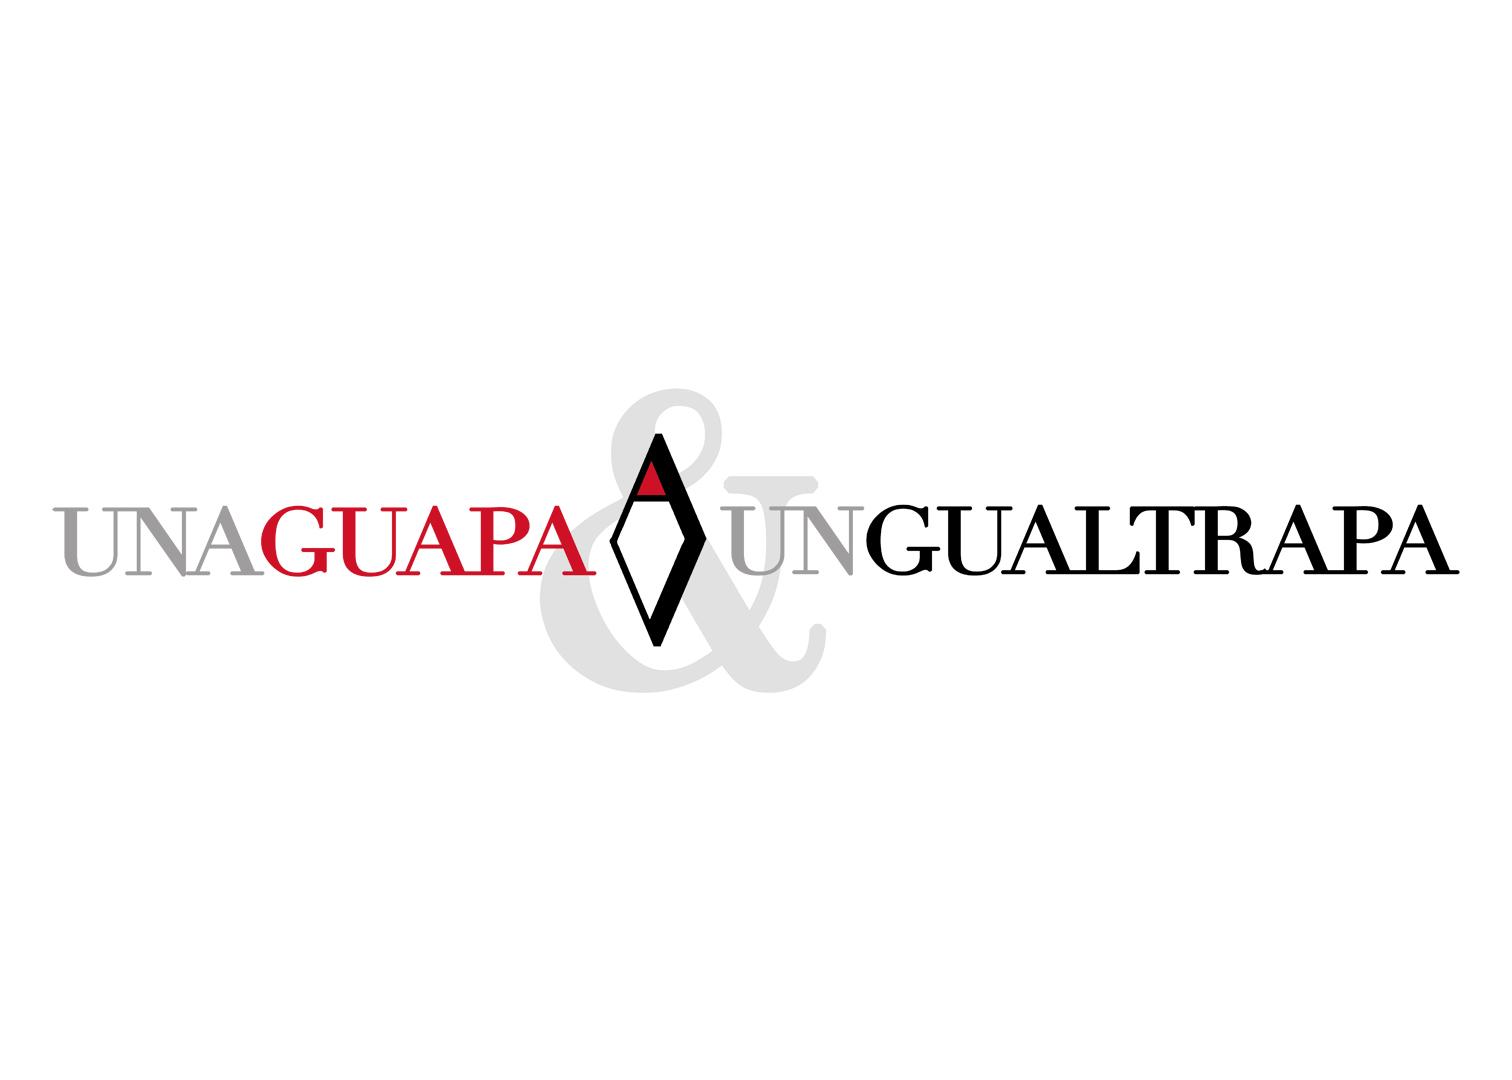 Unaguapa&ungualtrapa